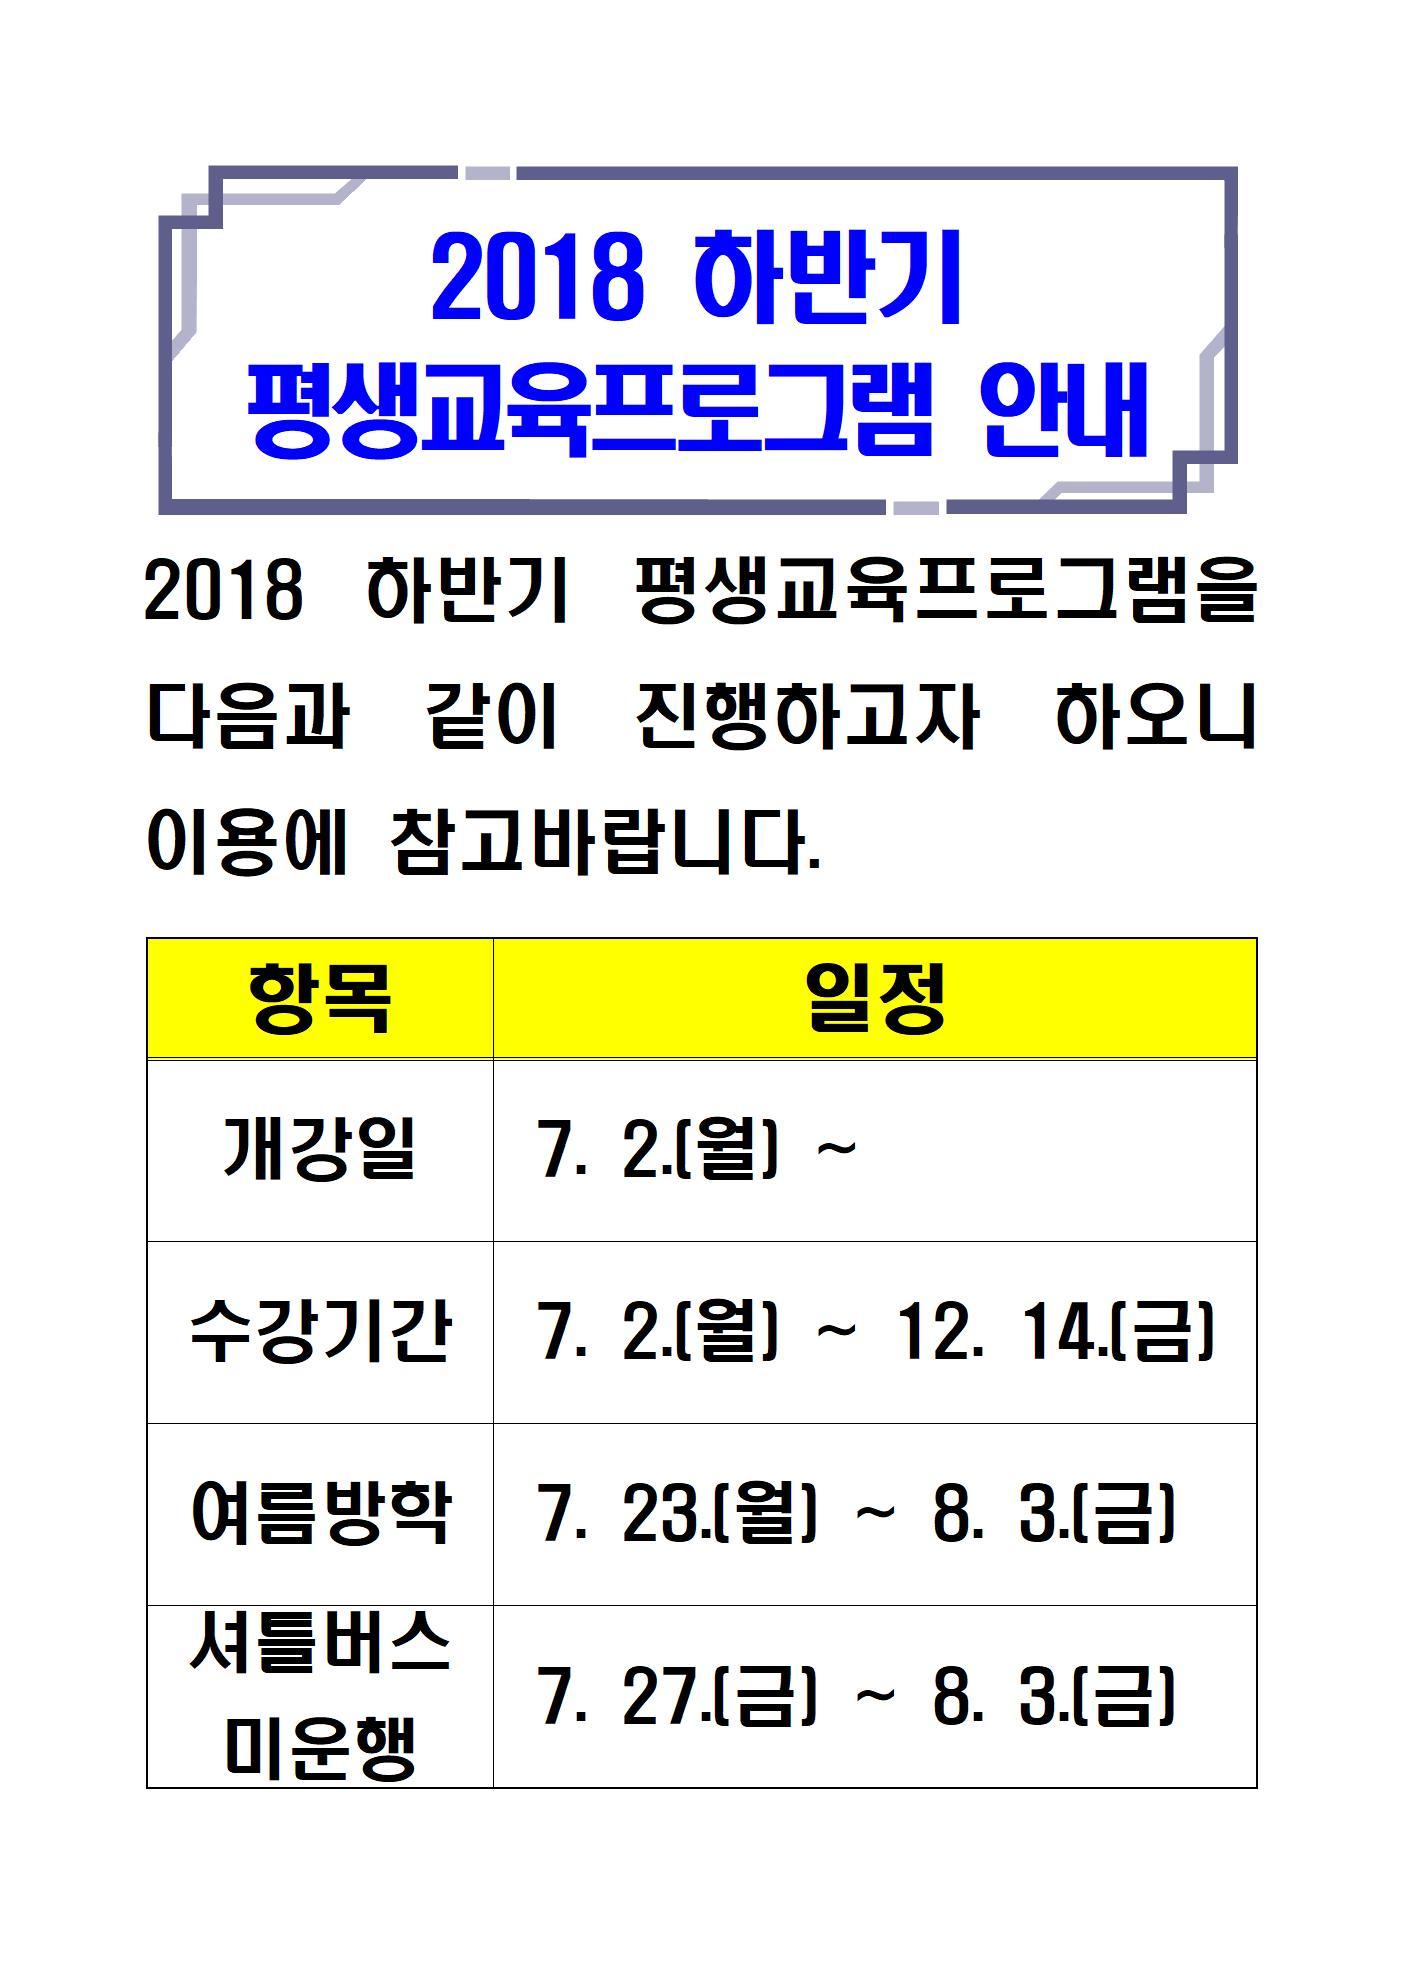 22.2018 하반기 평생교육프로그램 안내001.jpg